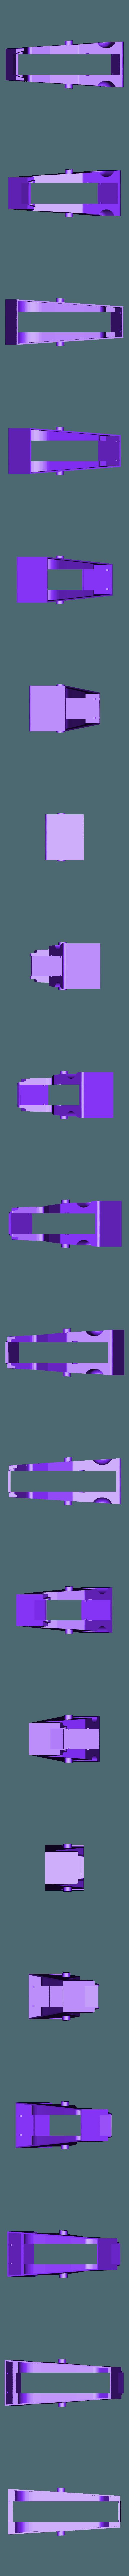 """devidoir_part_structure01.STL Télécharger fichier STL gratuit Dévidoir à scotch """"Monsteranimal T-Rex"""" • Modèle imprimable en 3D, Tibe-Design"""